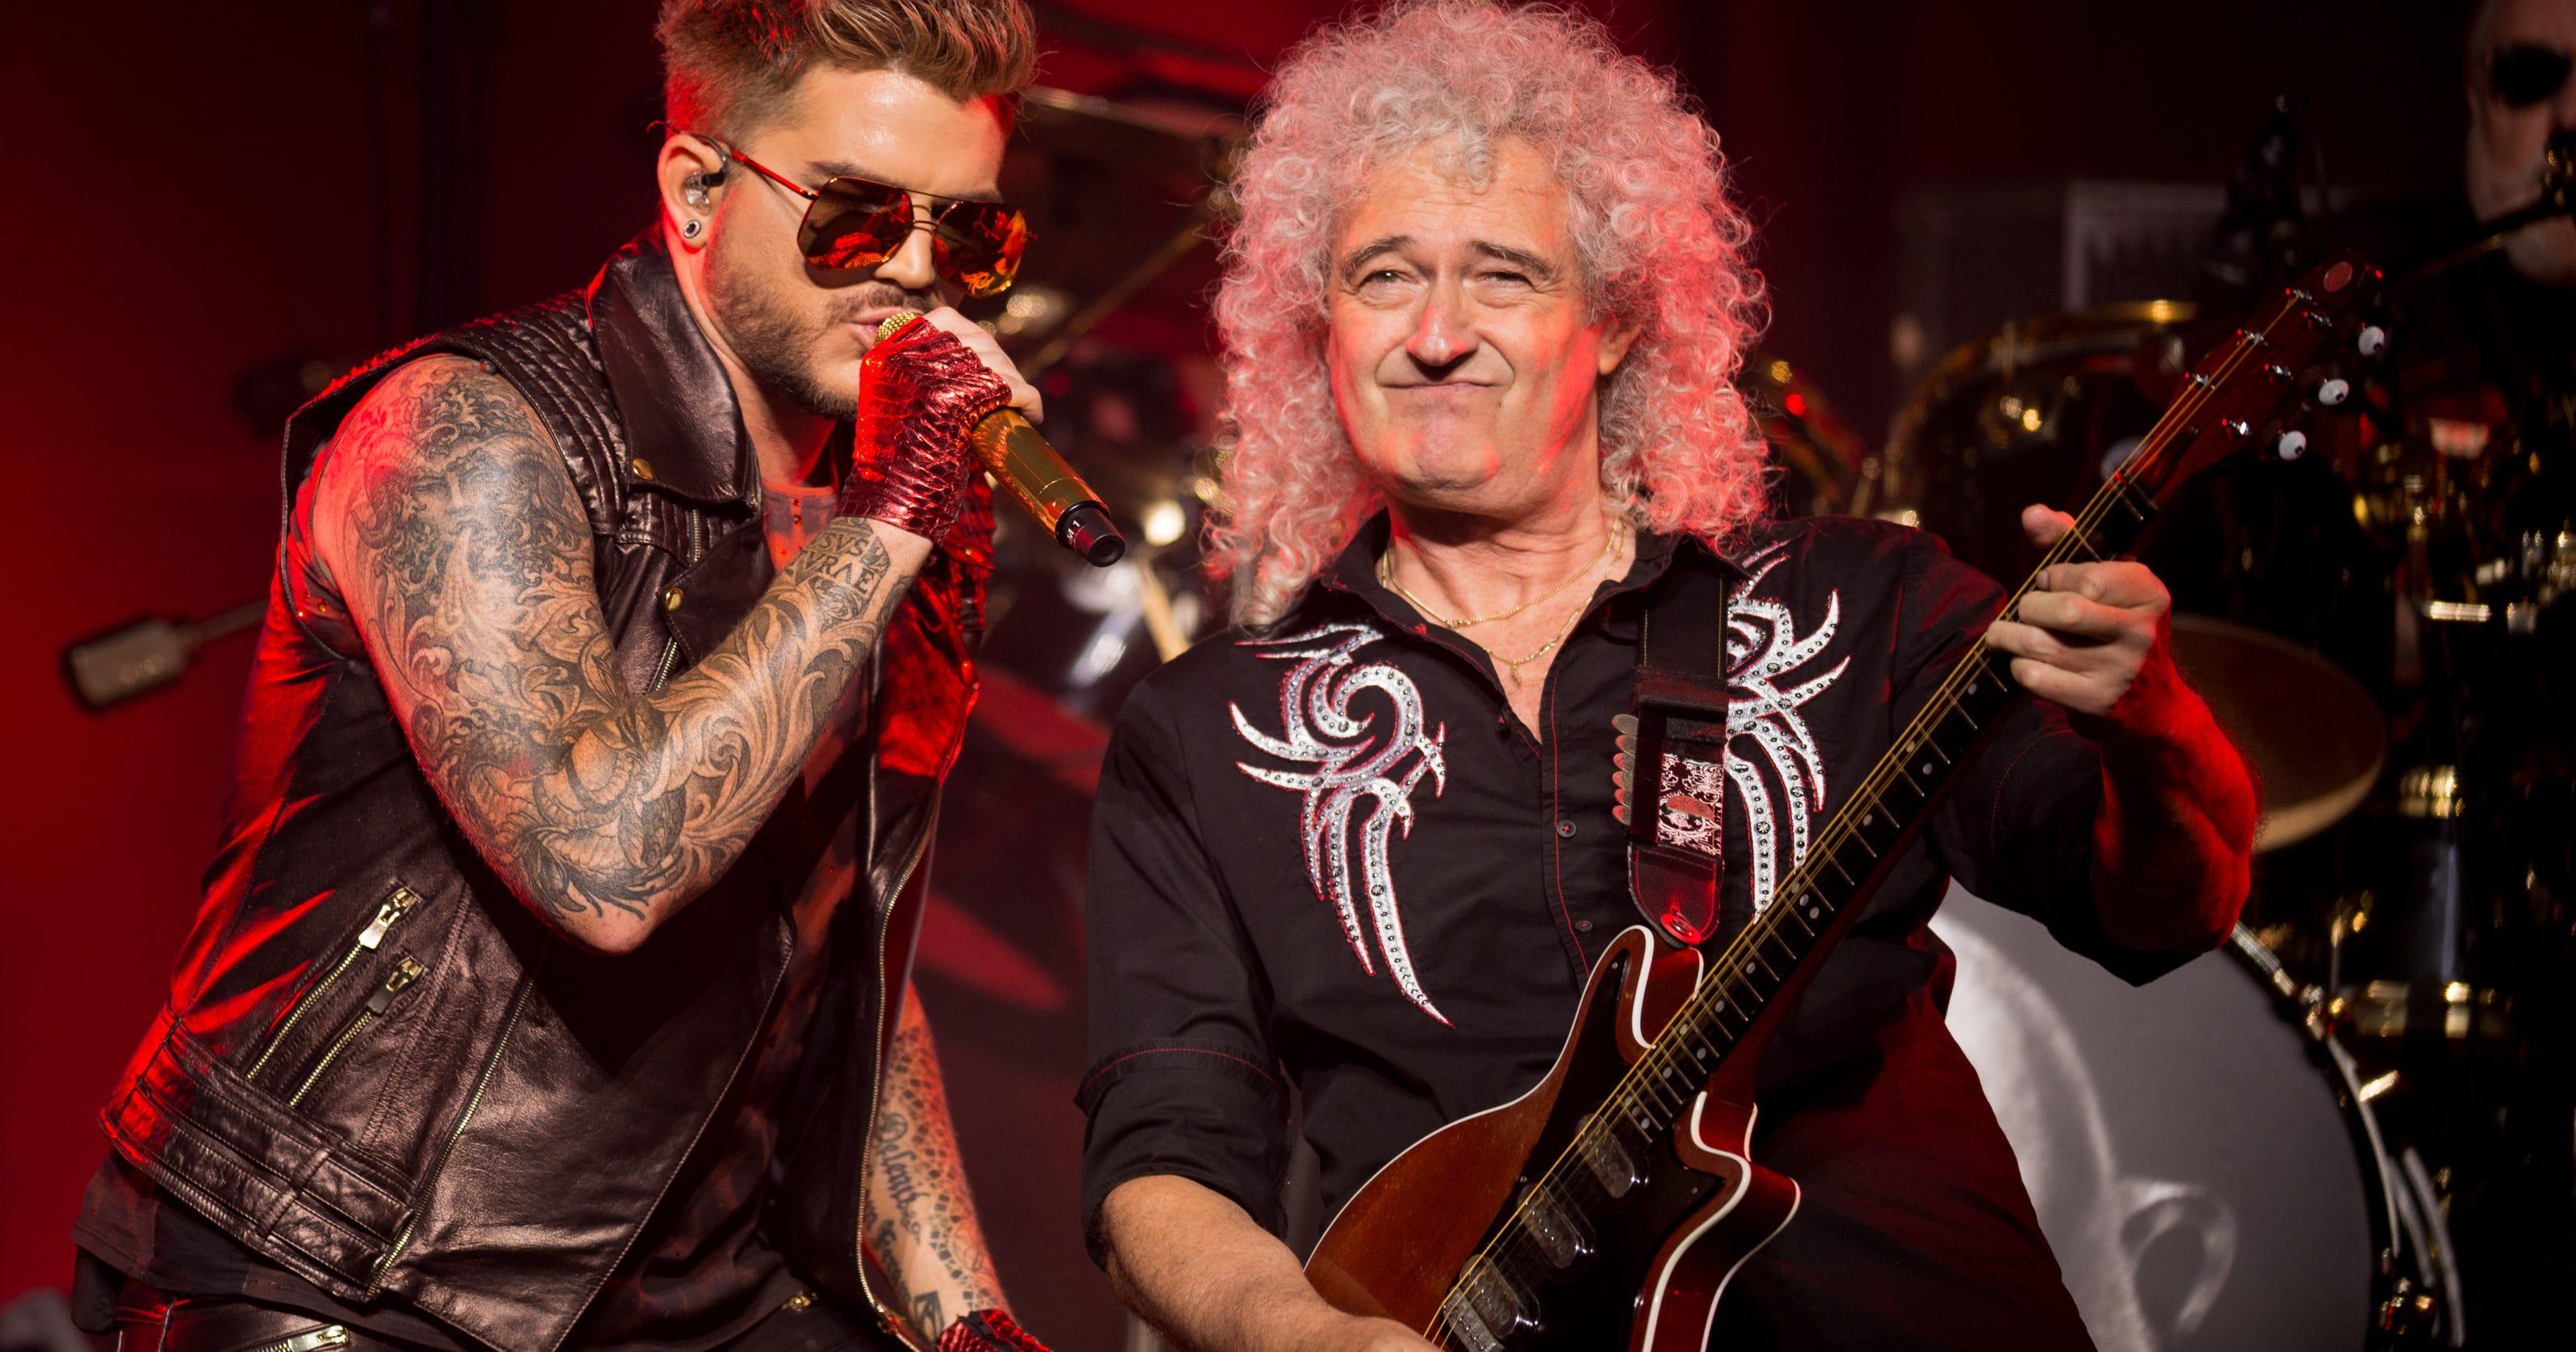 Queen Adam Lambert Tour 2019 Usa Dates Include Nashville